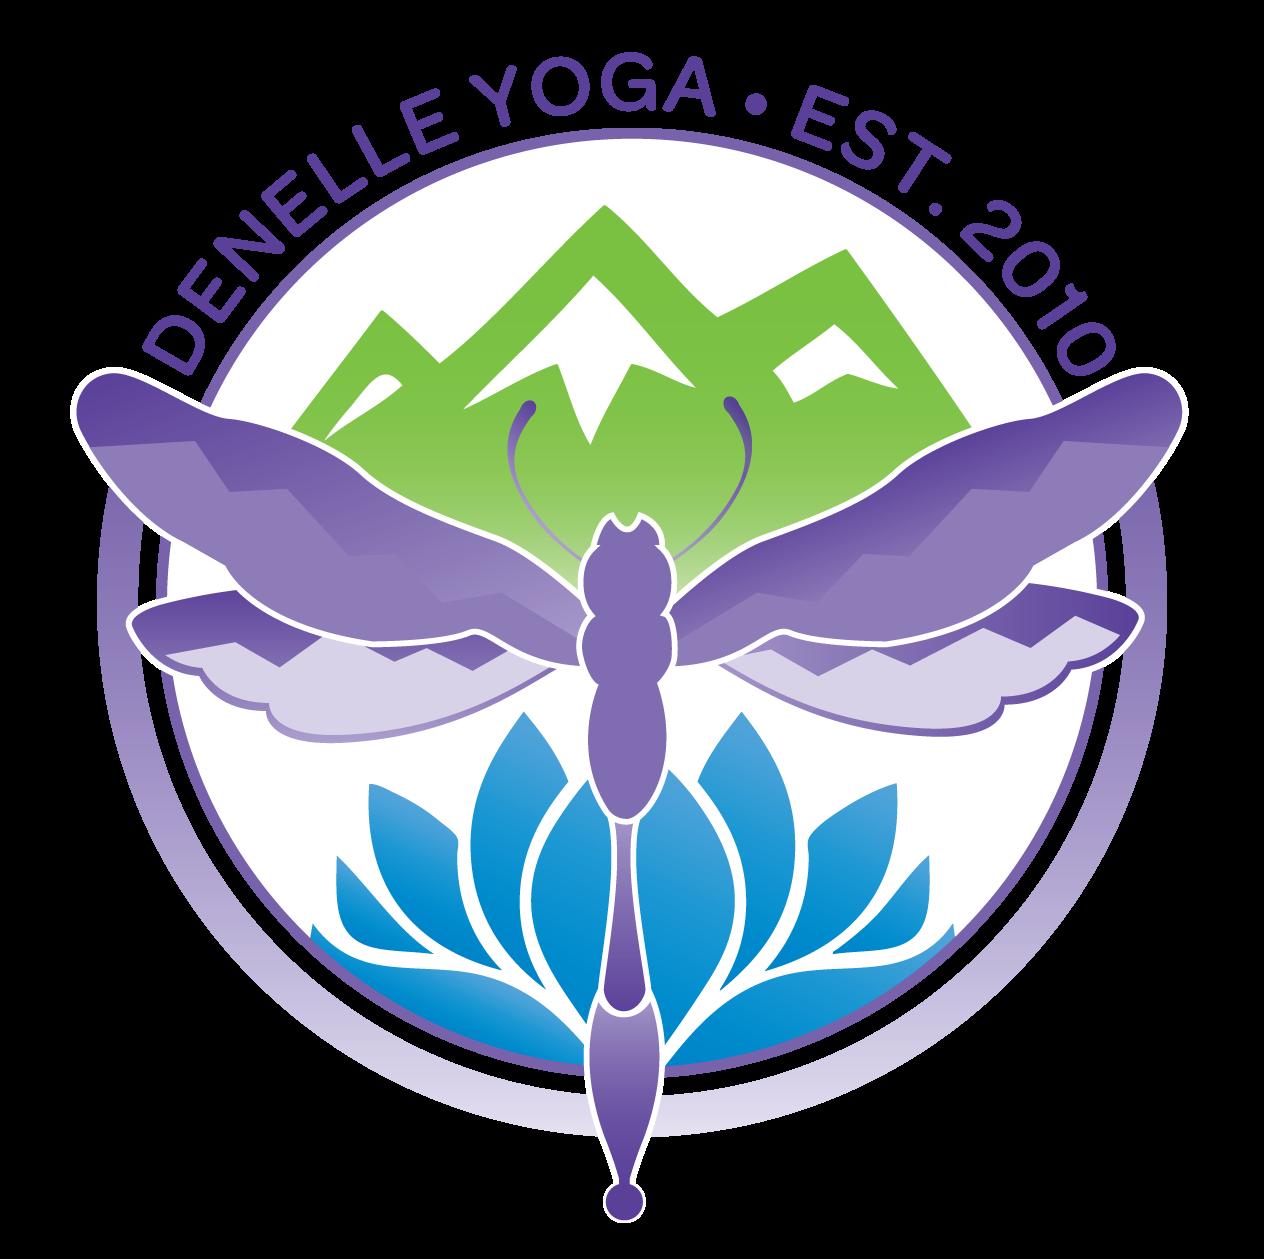 Denelle Yoga